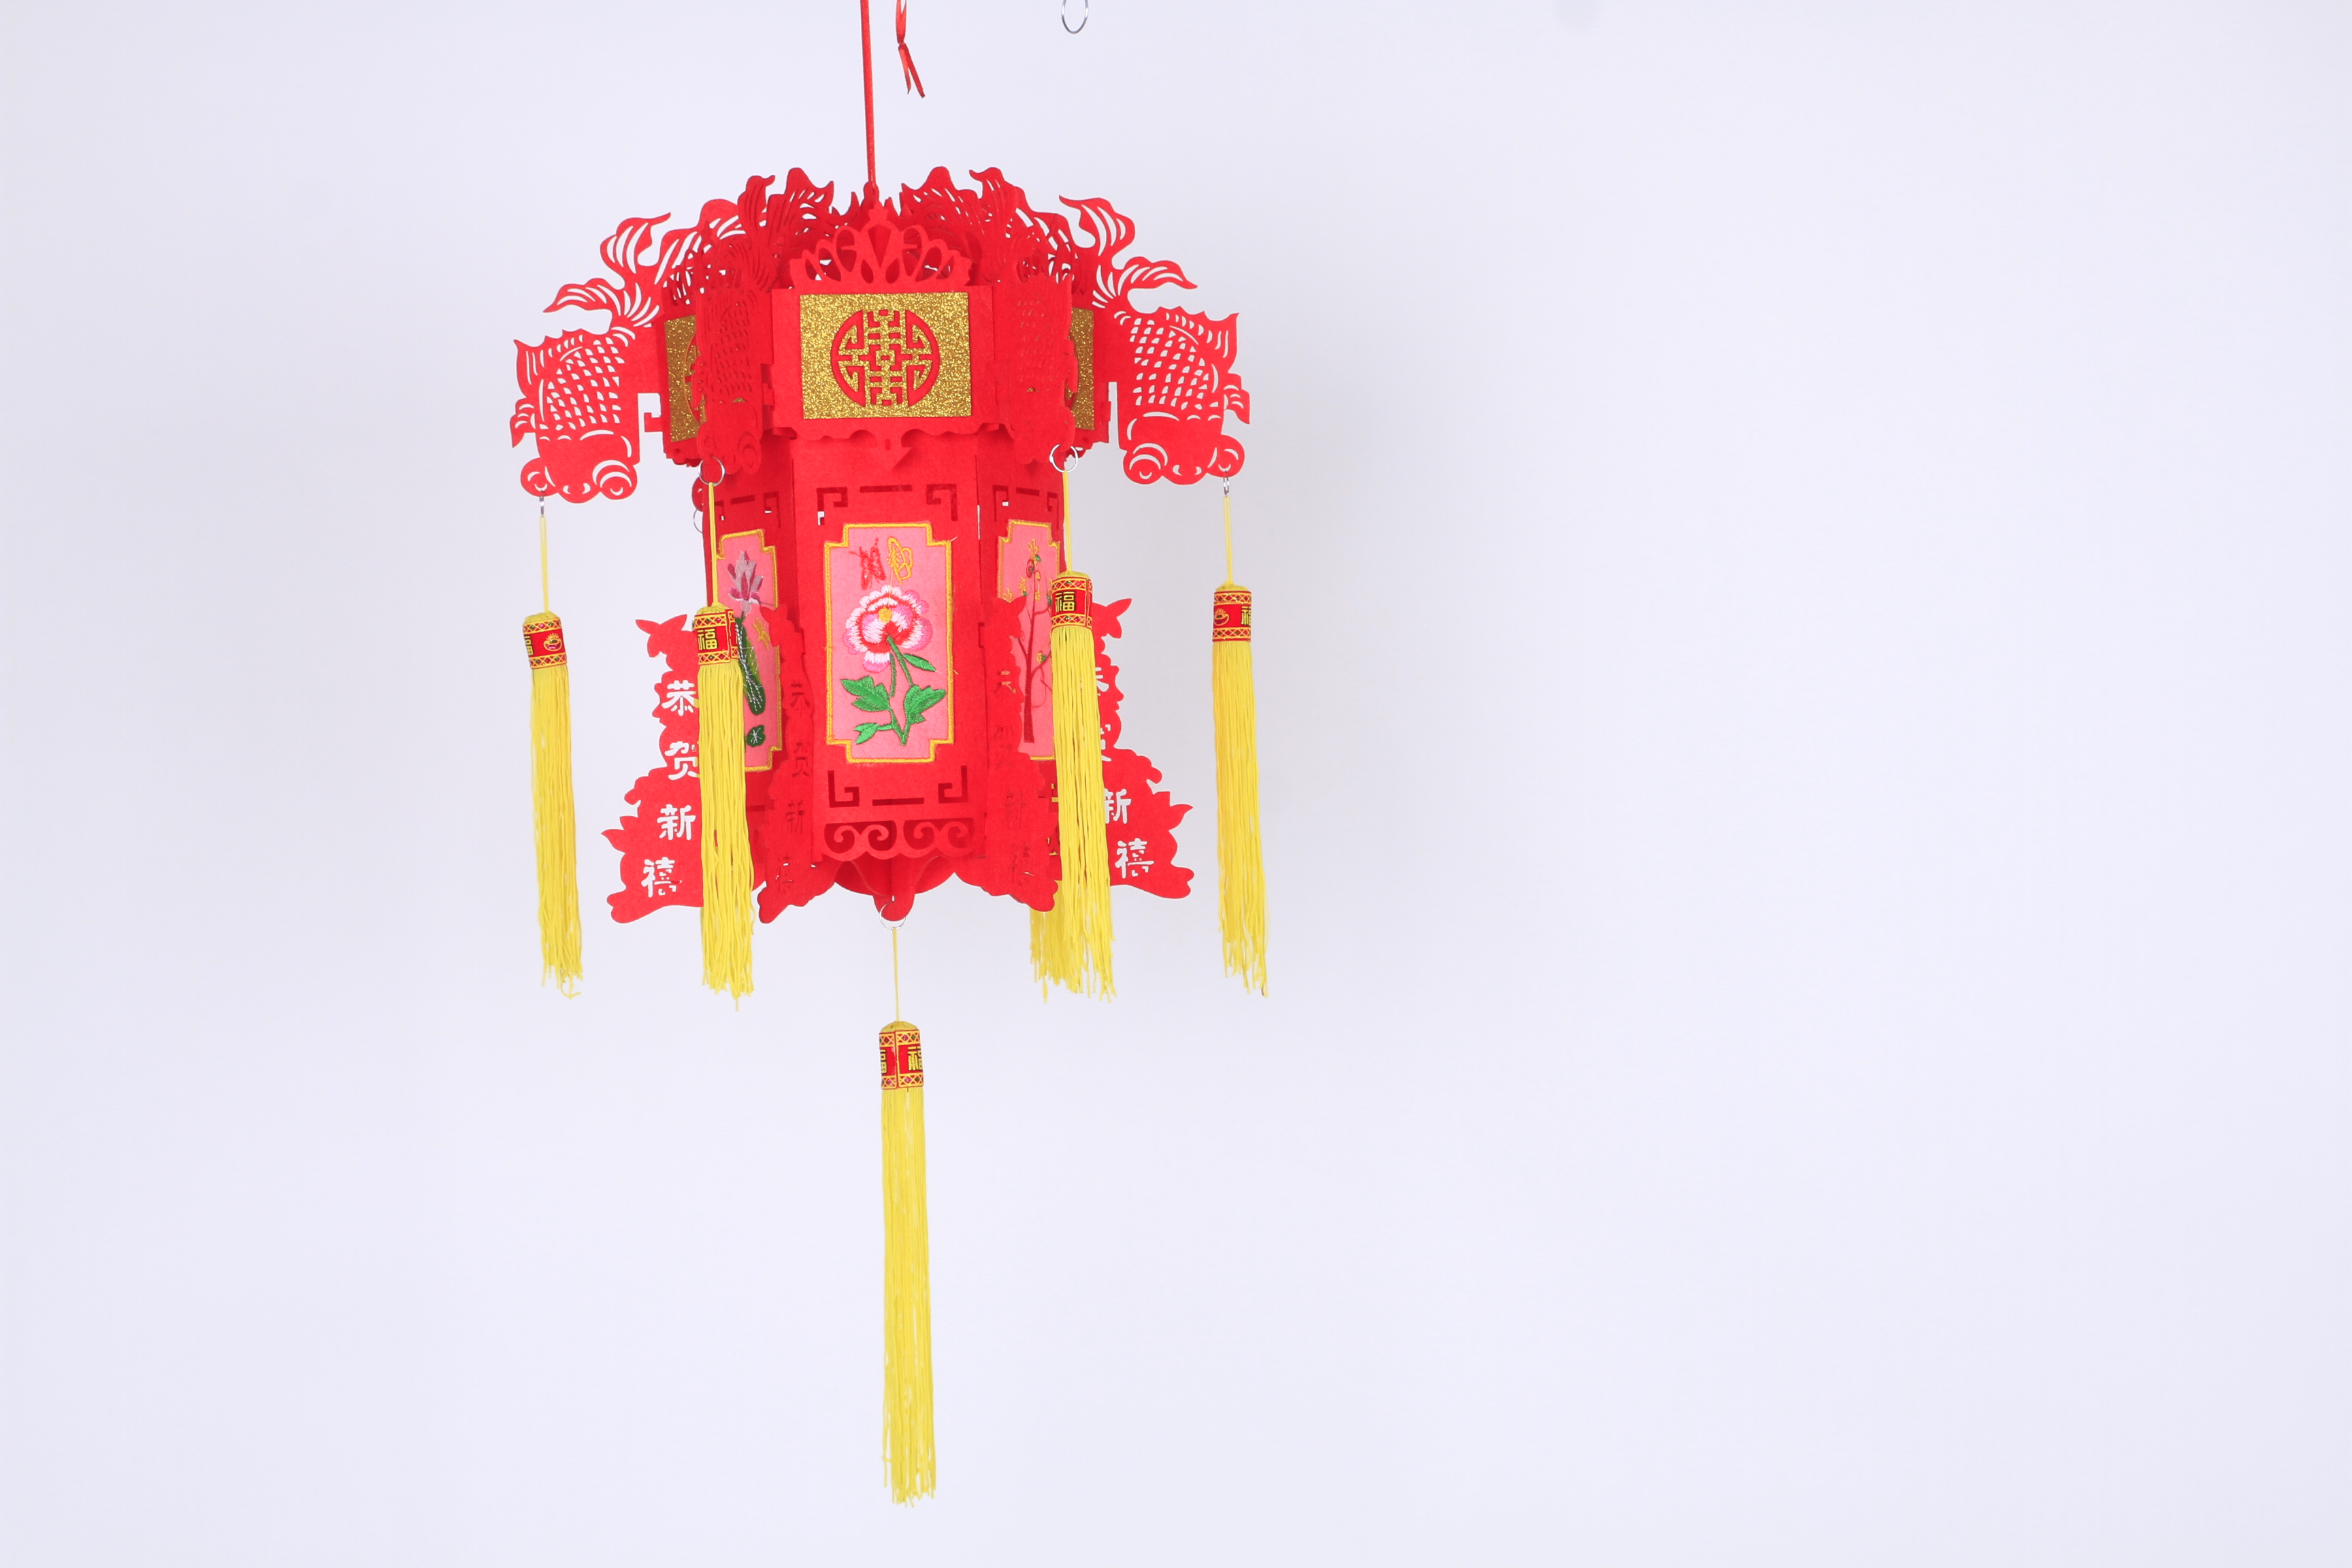 刺绣灯笼,大红灯笼,节日灯笼厂家批发 无纺布灯笼